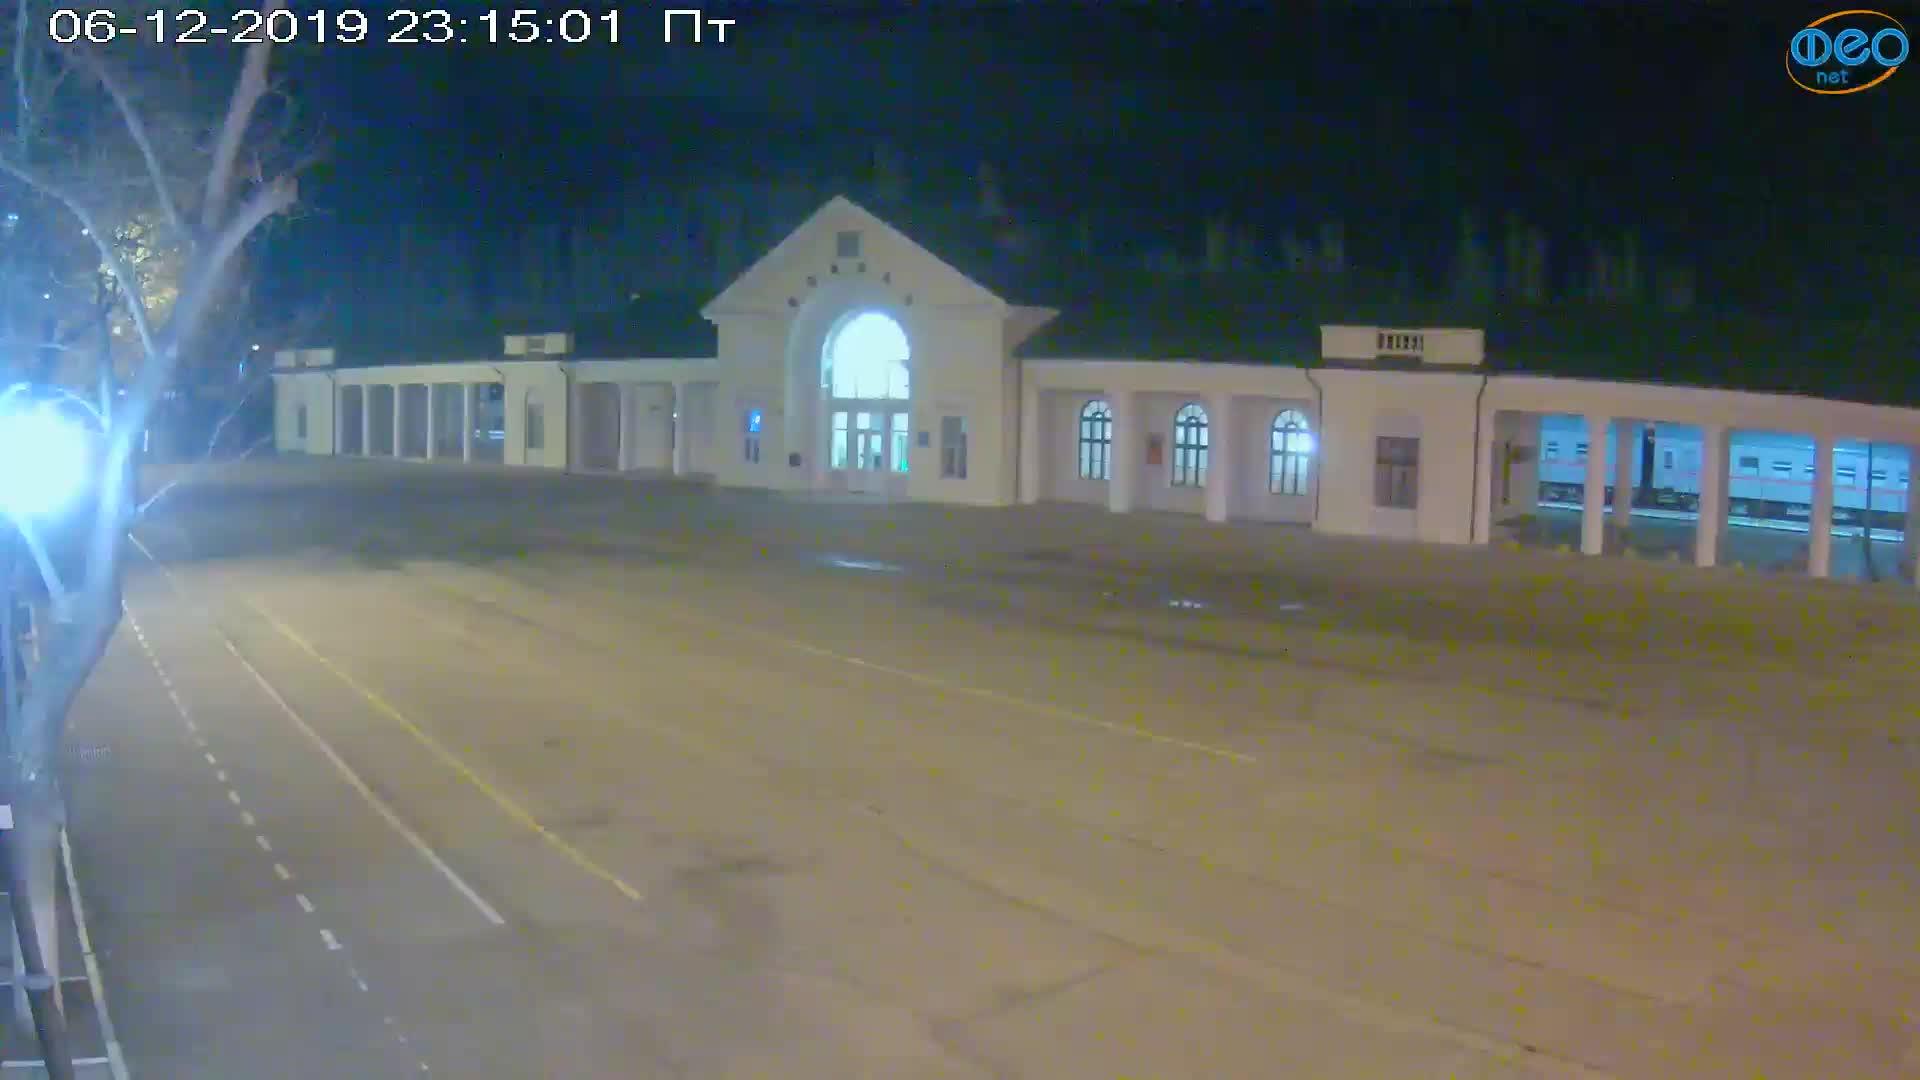 Веб-камеры Феодосии, Привокзальная площадь, 2019-12-06 23:15:19